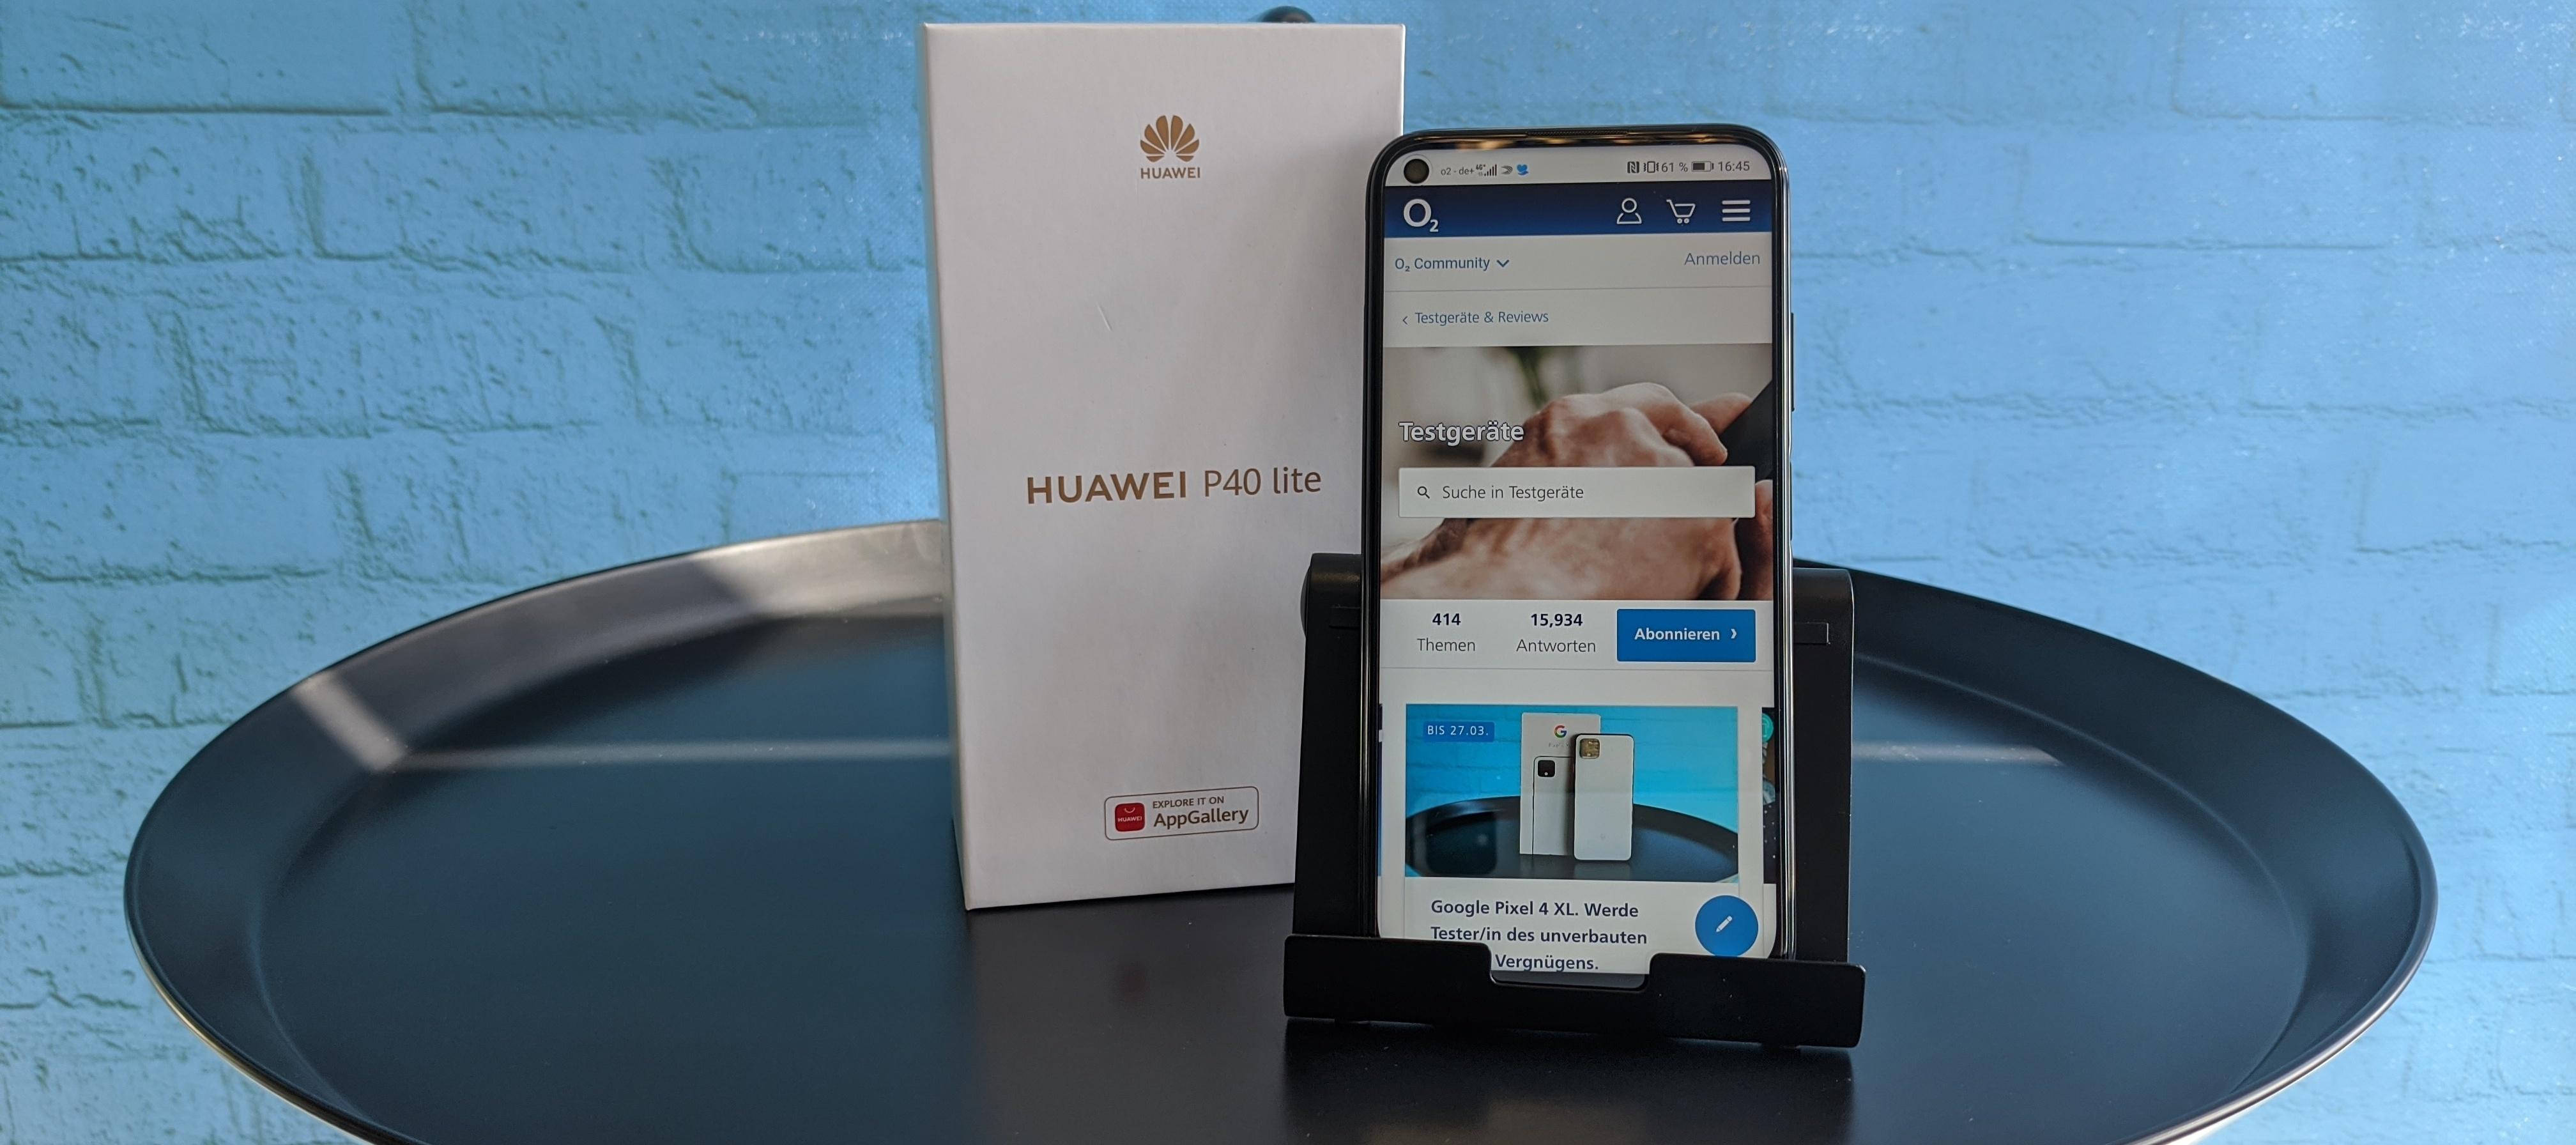 Huawei P40 Lite Testgerät: Wäre das Mittelklasse-Smartphone etwas für dich? Teste es jetzt!